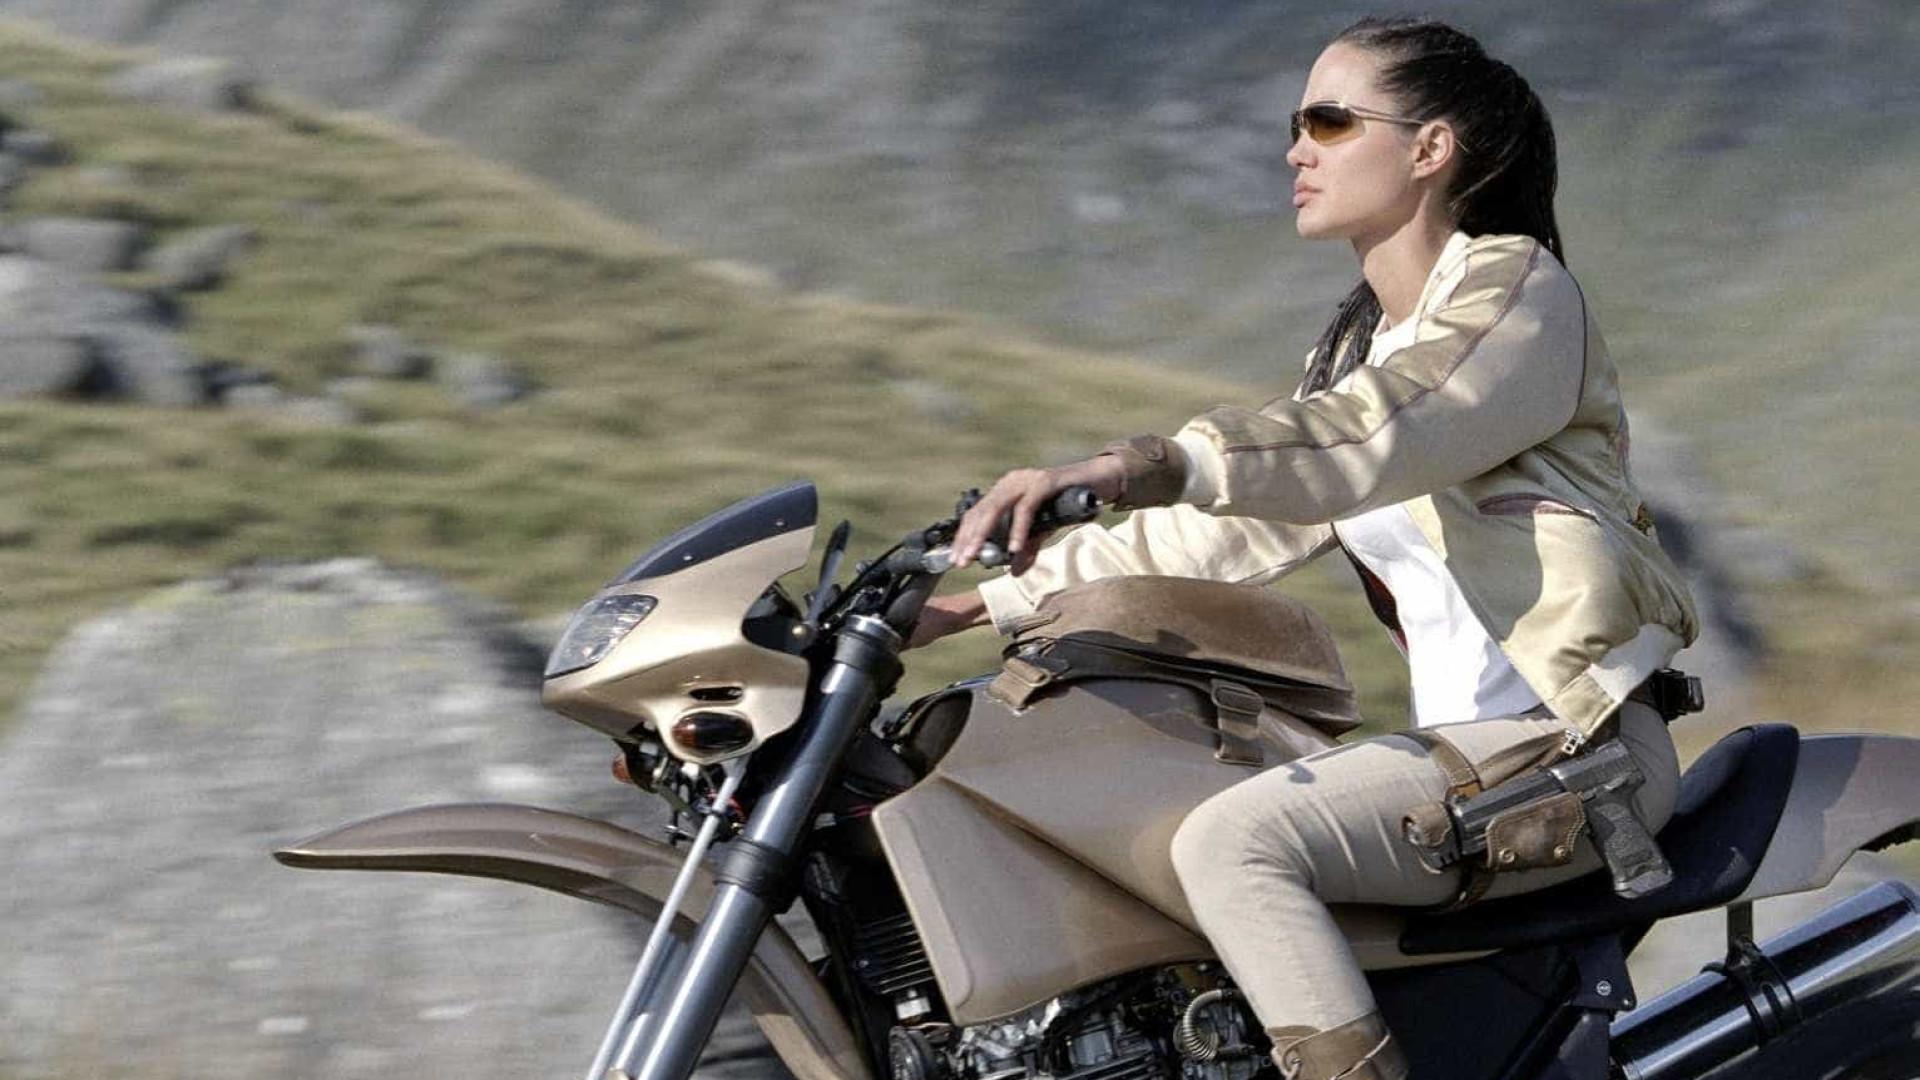 Conheça Alicia Vikander, a substituta de Jolie em 'Tomb Raider'